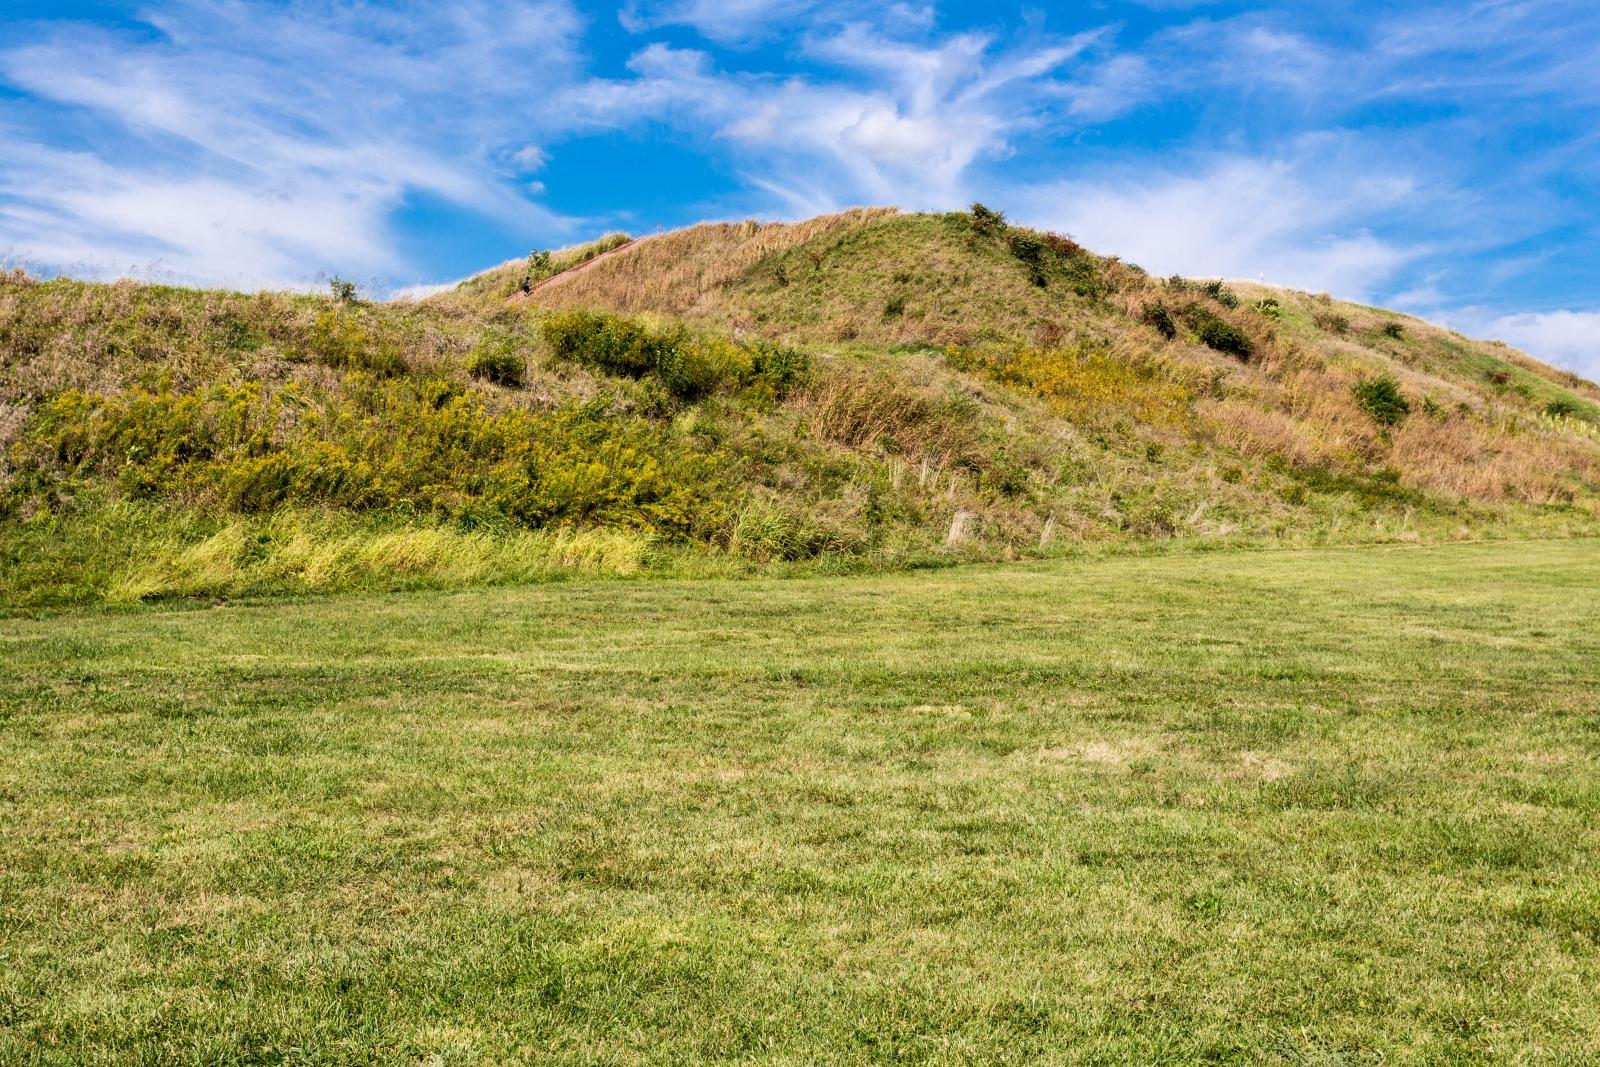 Cahokia beaded burial